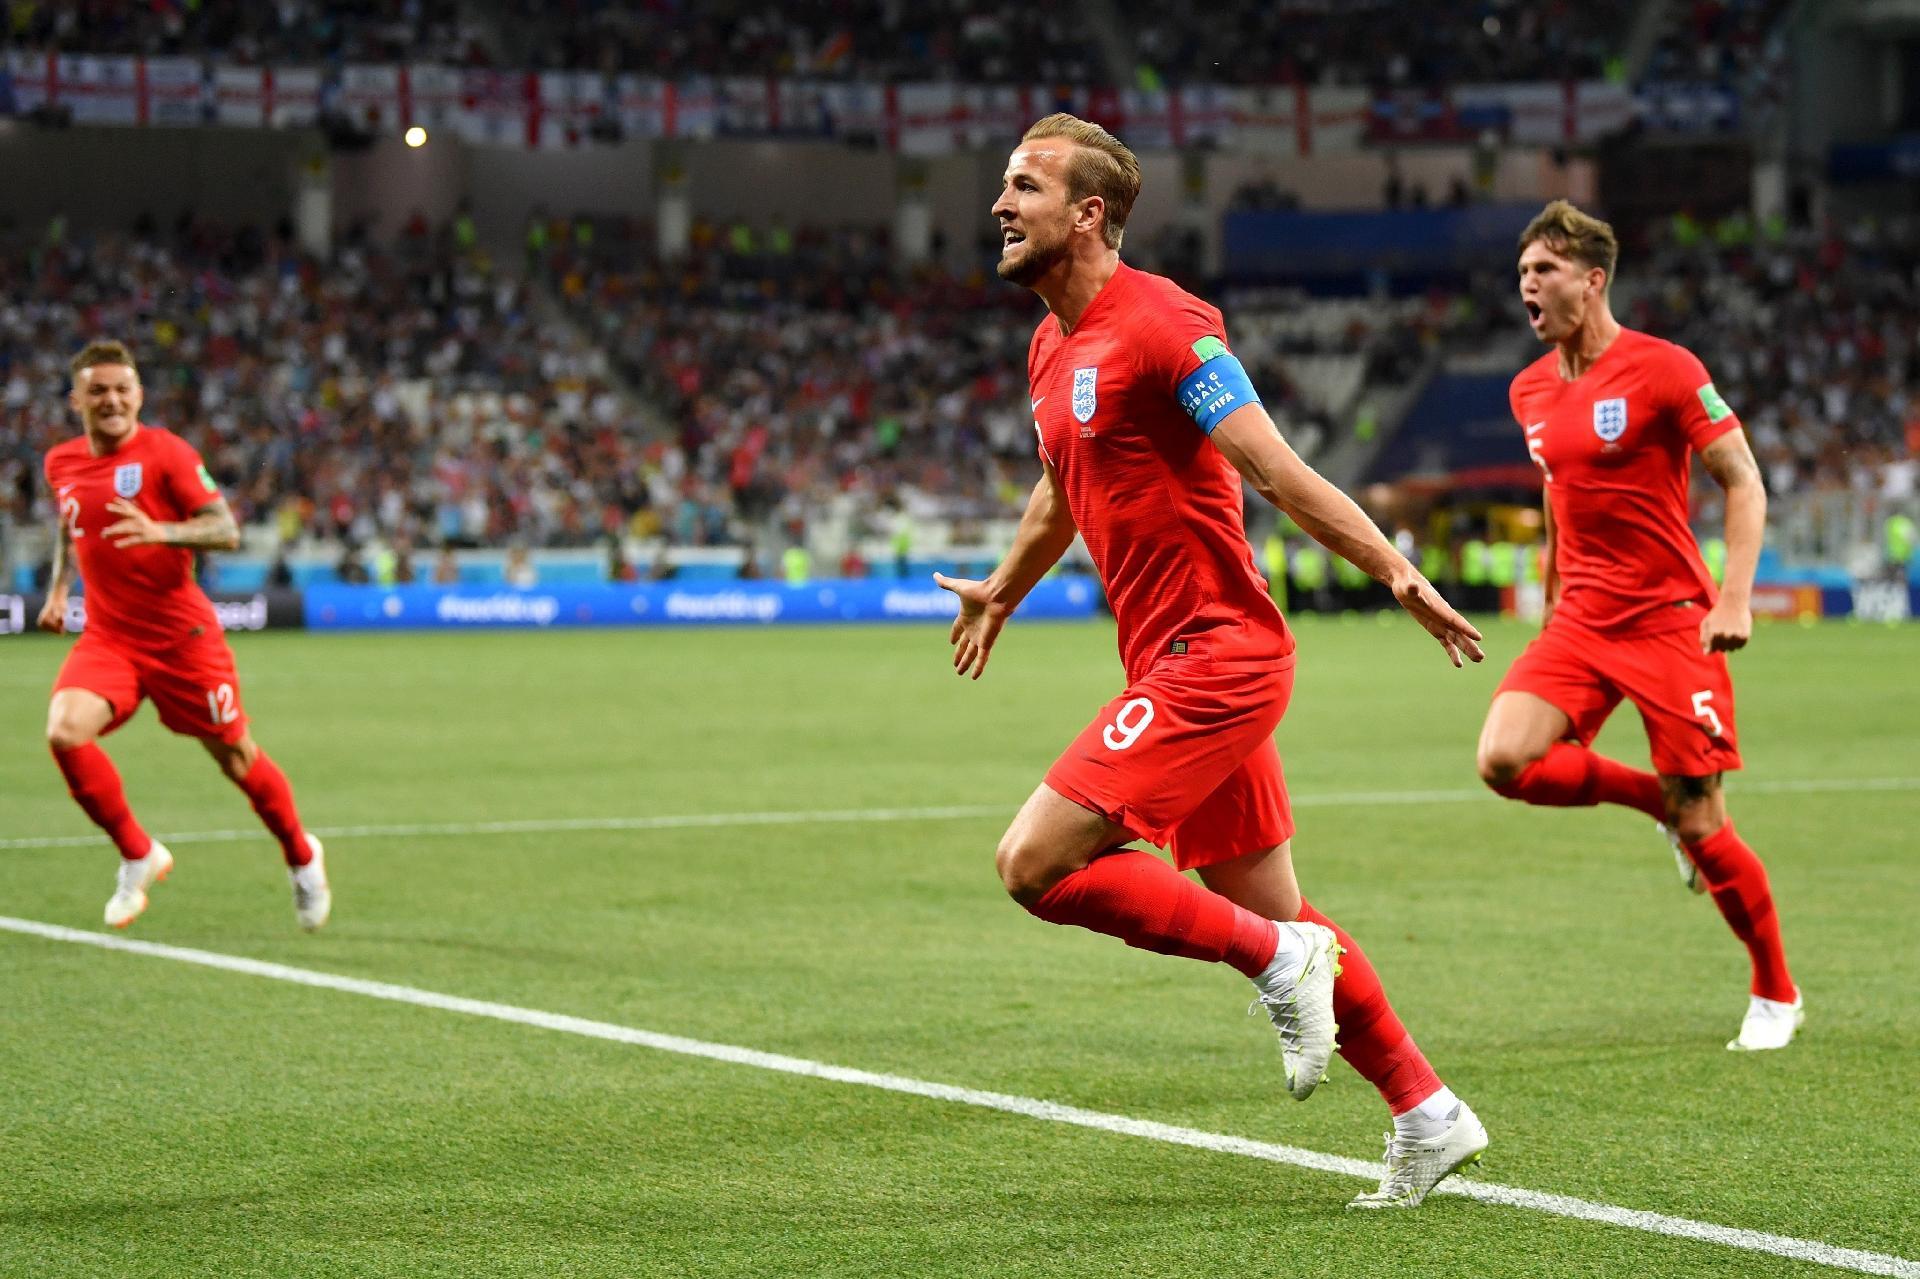 Copa do Mundo 2018  Kane marca duas vezes e Inglaterra consegue vitória  sobre a Tunísia no fim - UOL Copa do Mundo 2018 e7c38c8929868